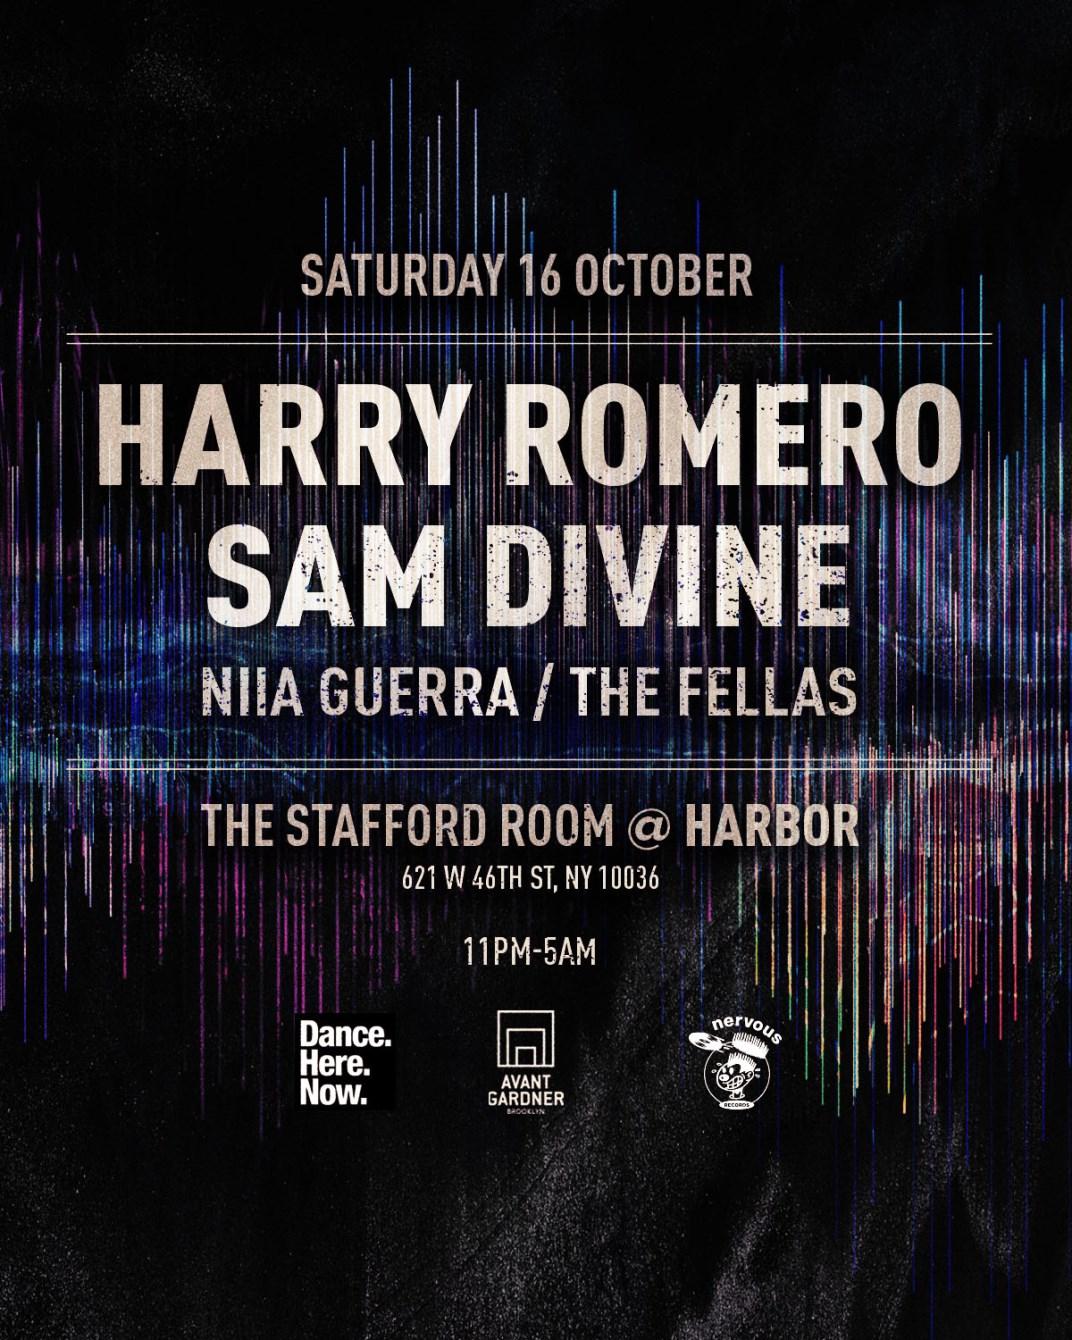 Harry Romero, Sam Divine - Flyer back